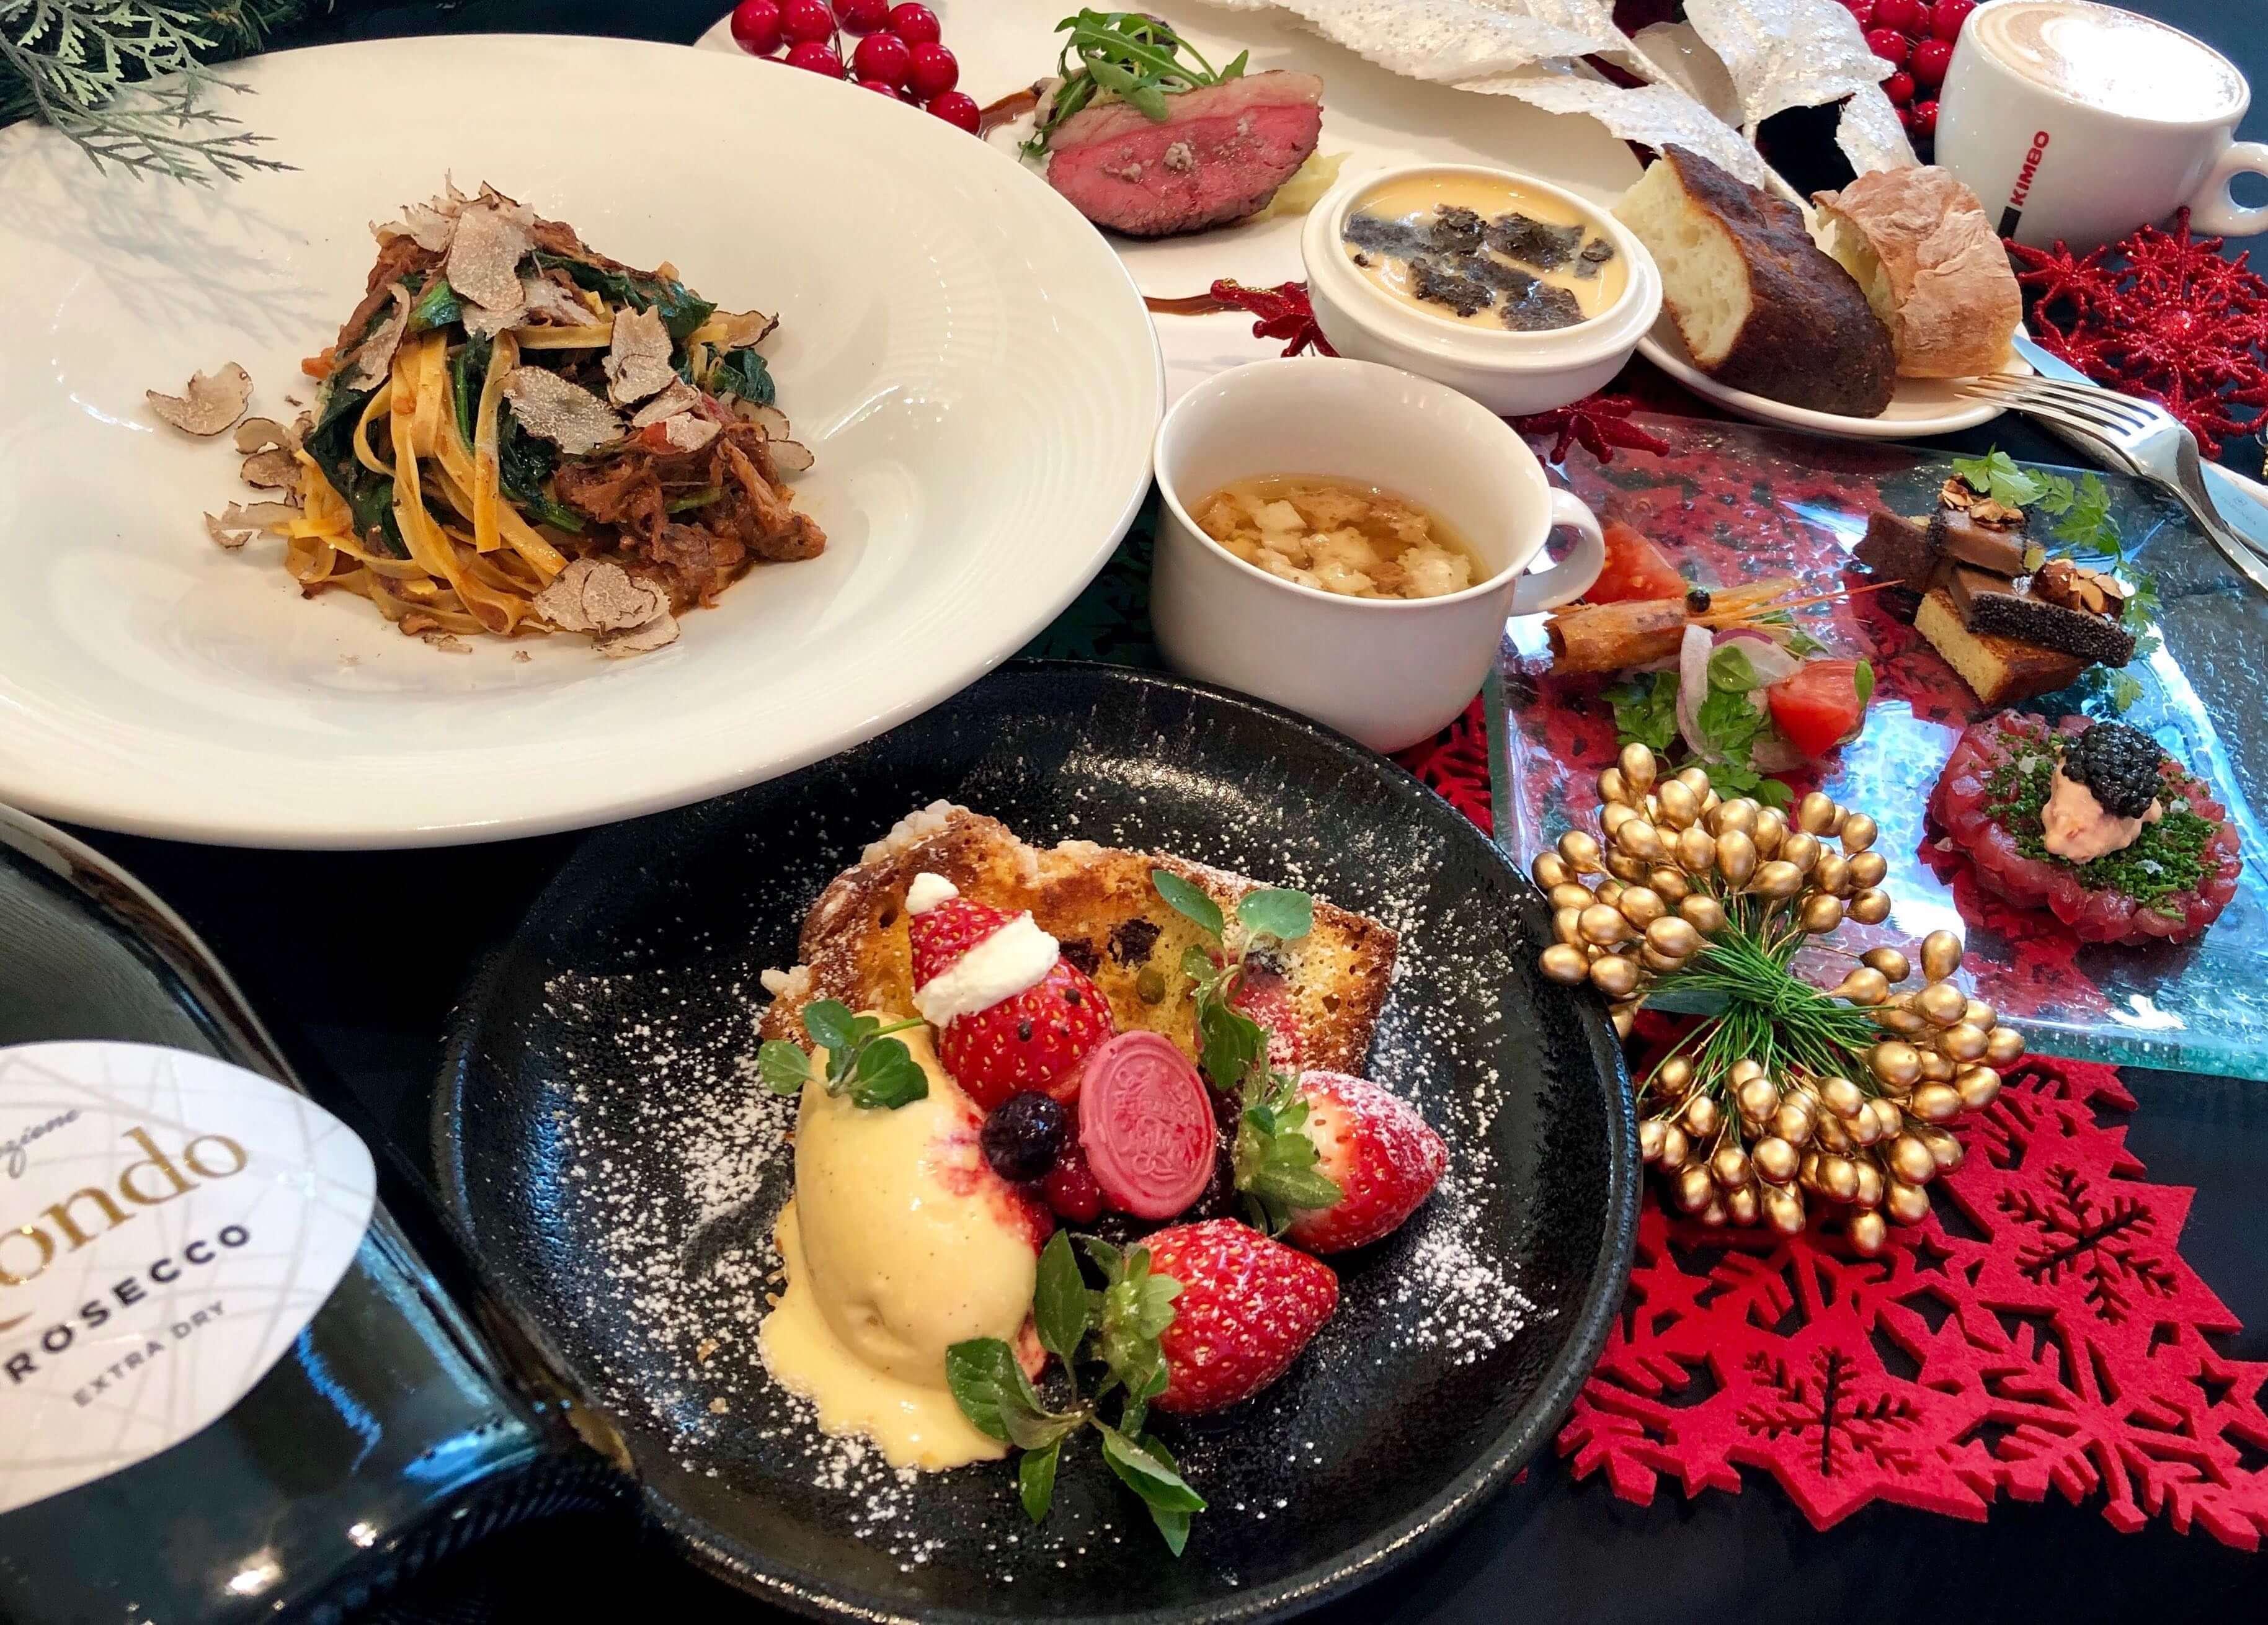 「2019年クリスマスディナー予約受付中」のイメージ写真